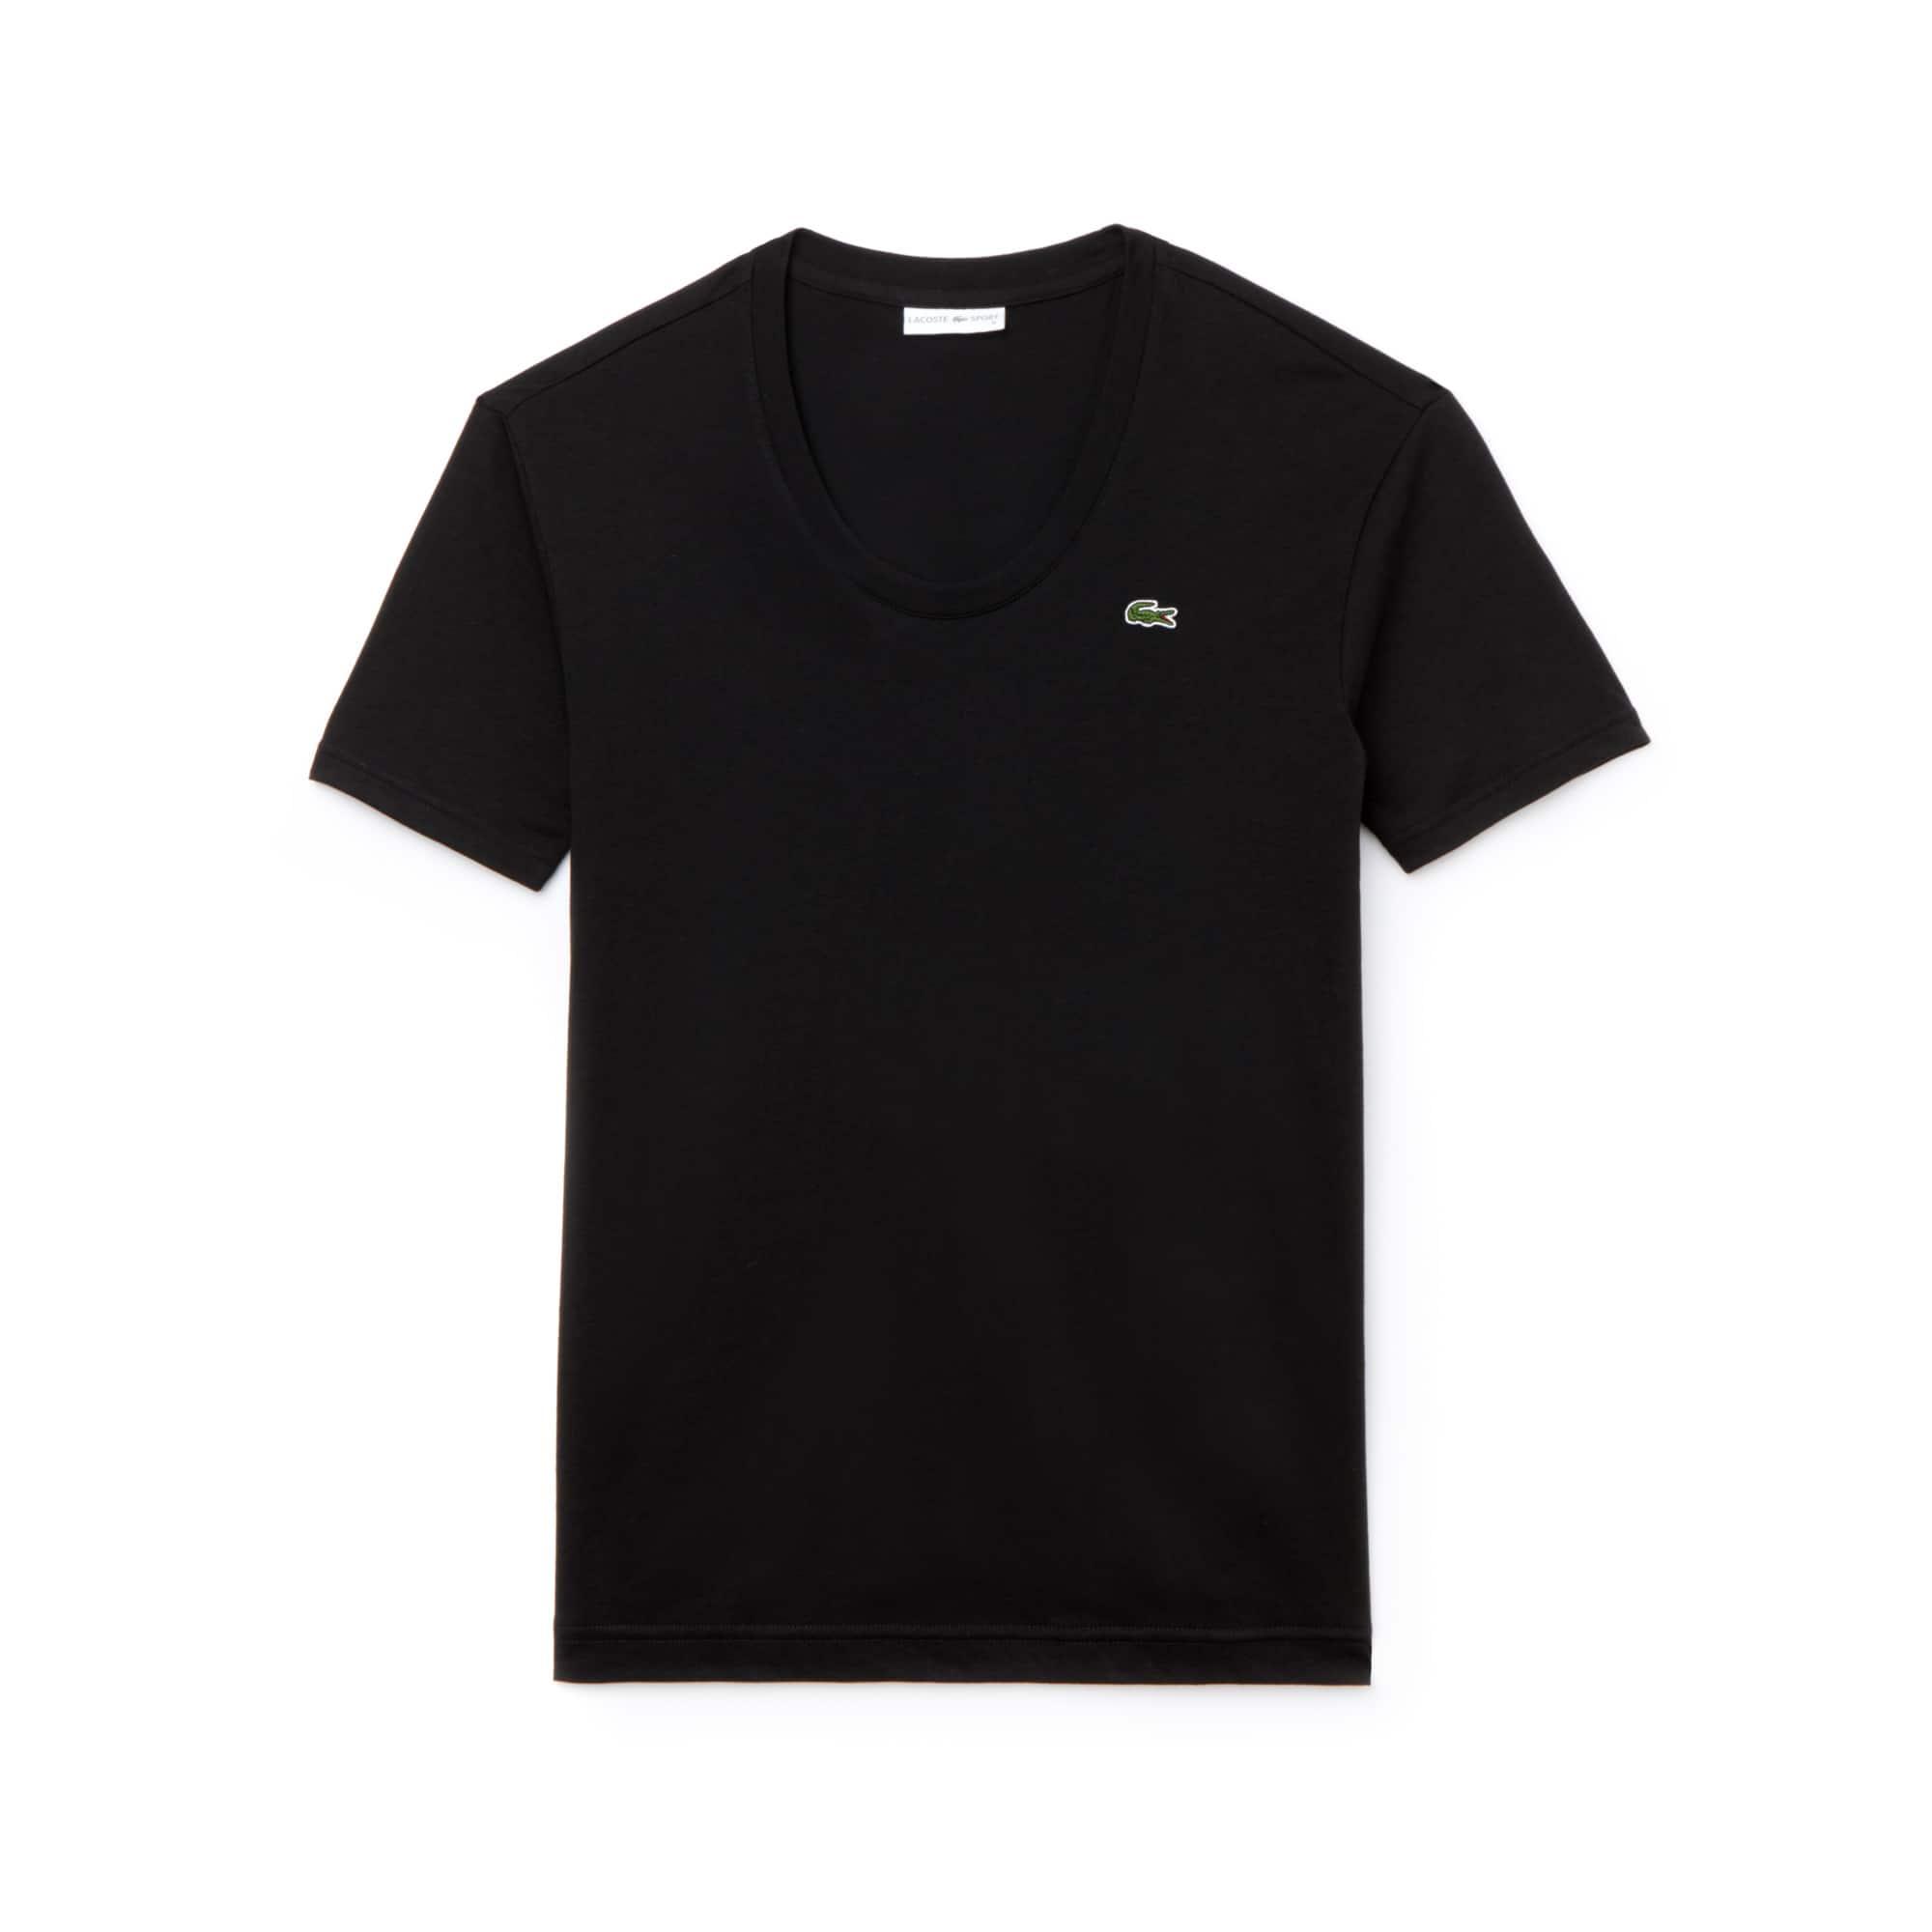 라코스테 스포츠 반팔 티셔츠 Lacoste Womens SPORT U-neck Flowing Jersey Tennis T-shirt,black